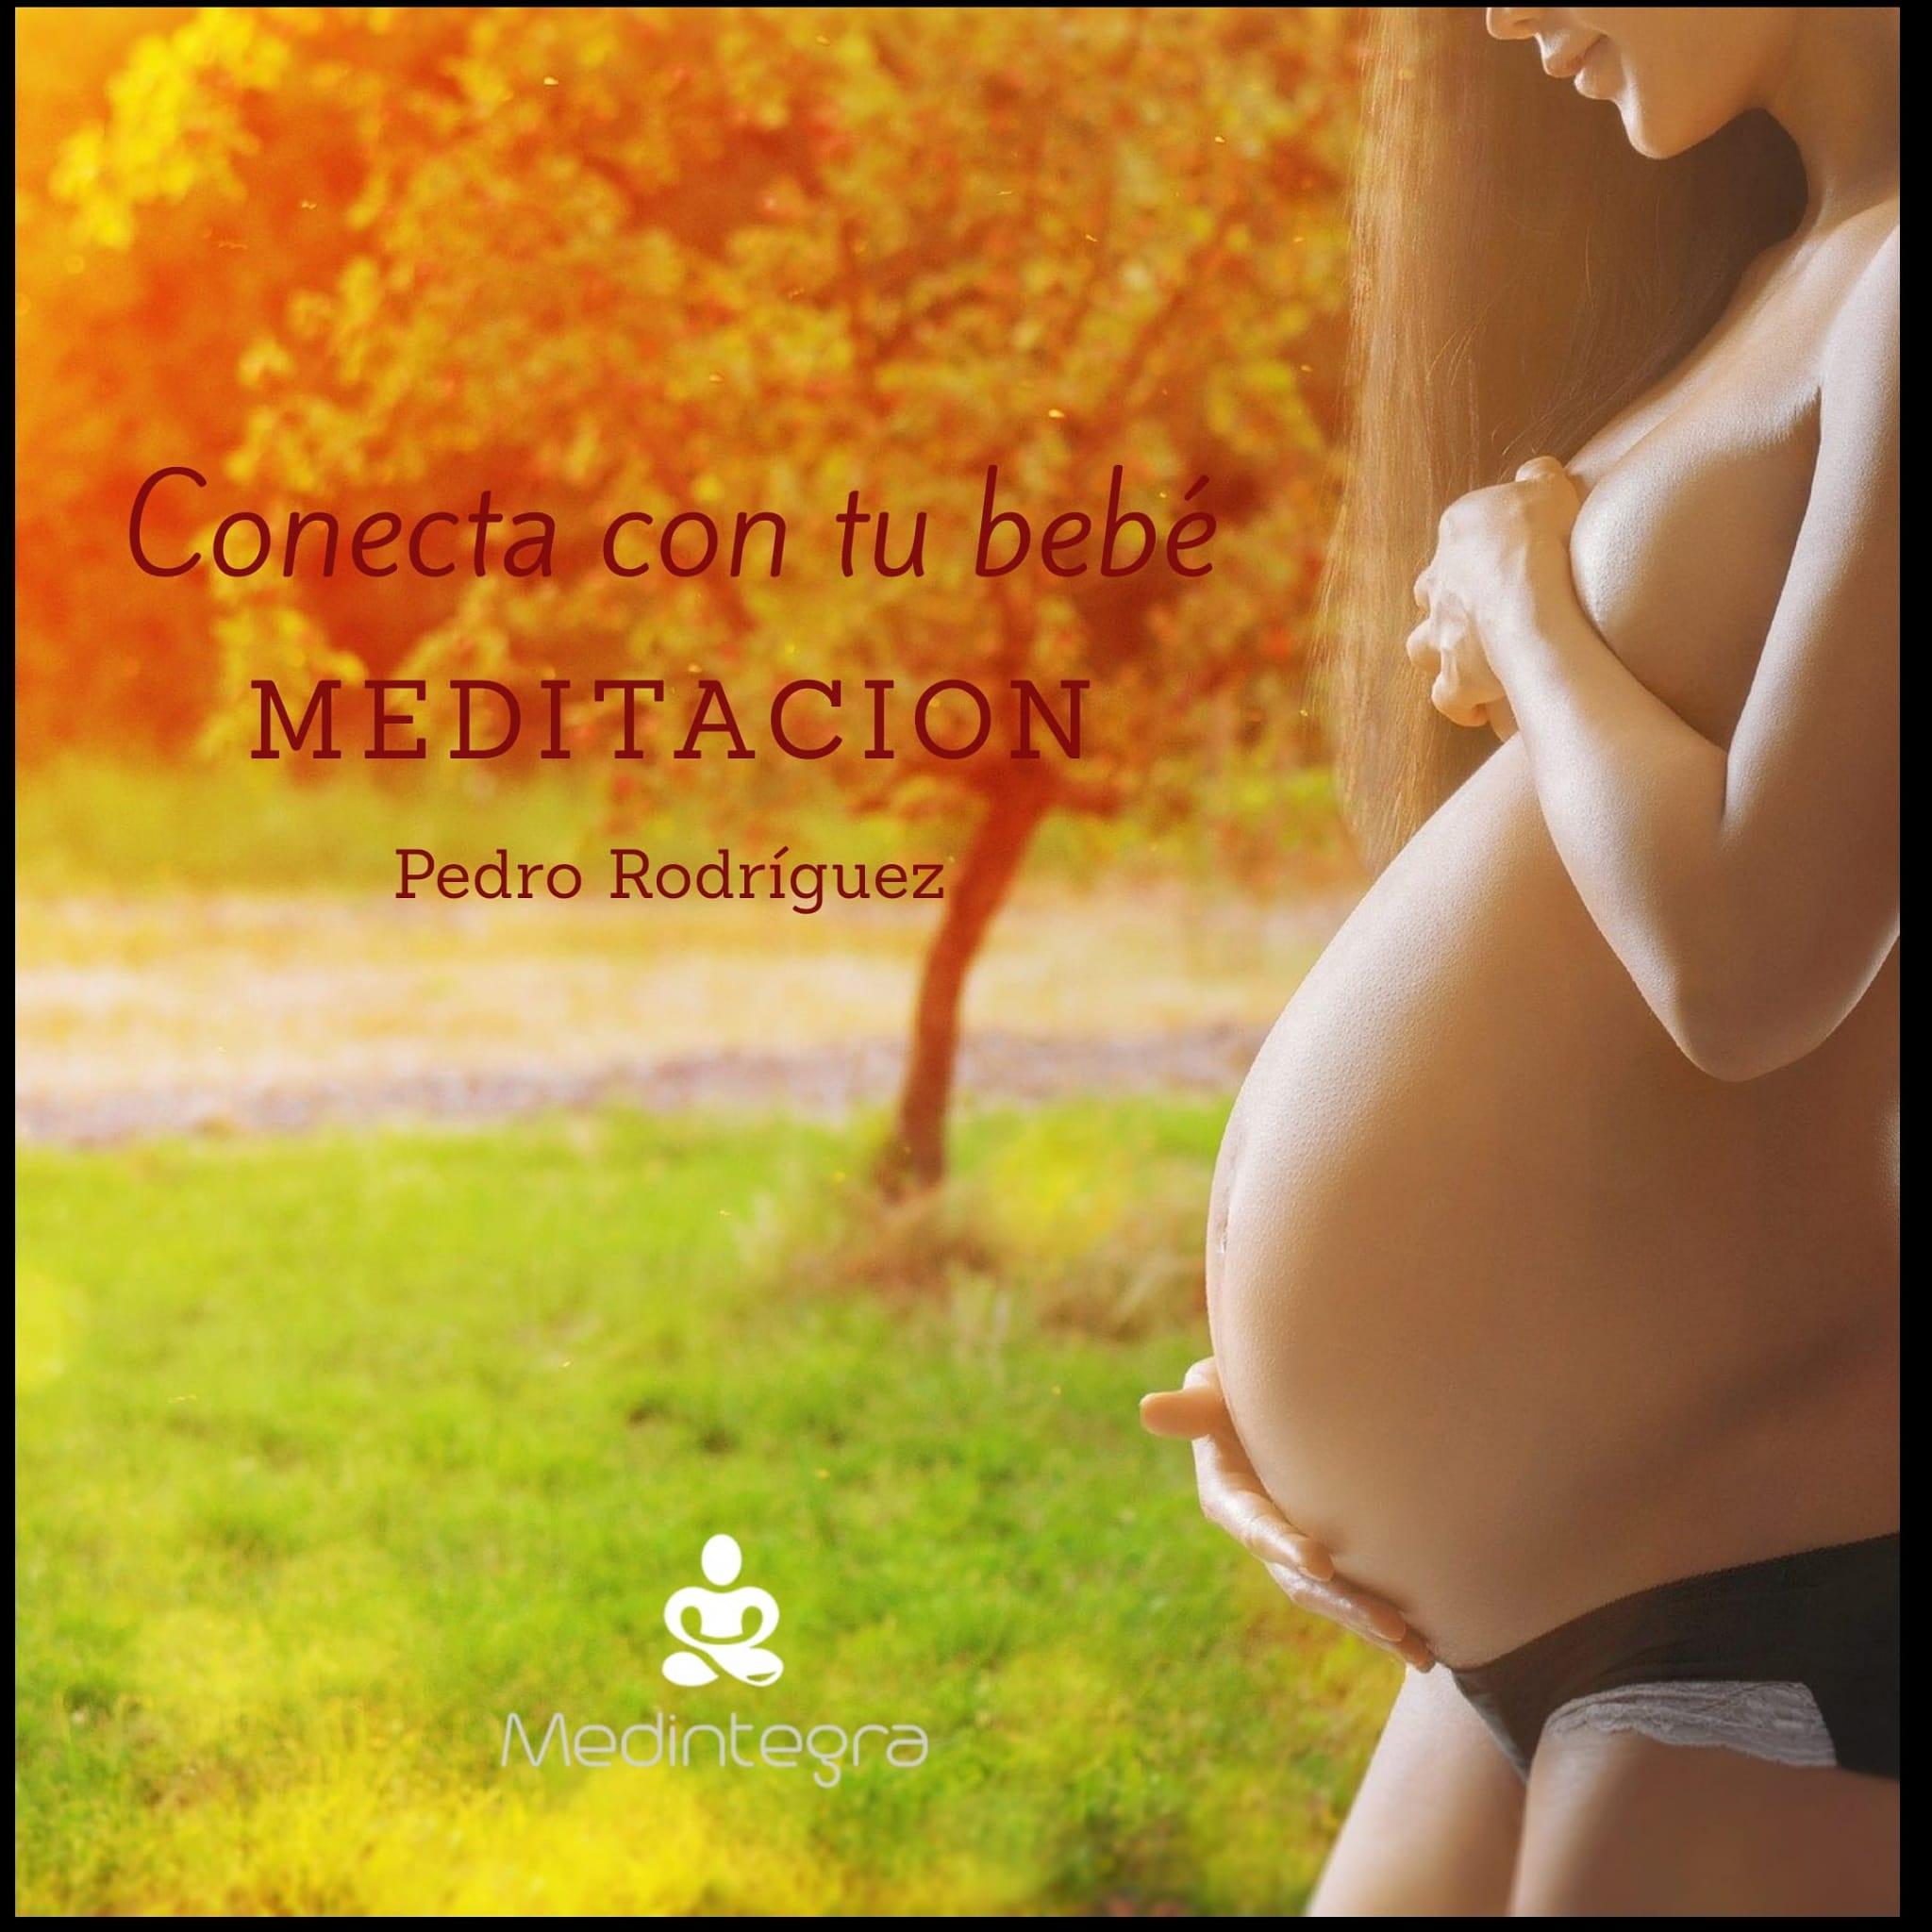 Meditación bebes de Pedro Rodríguez